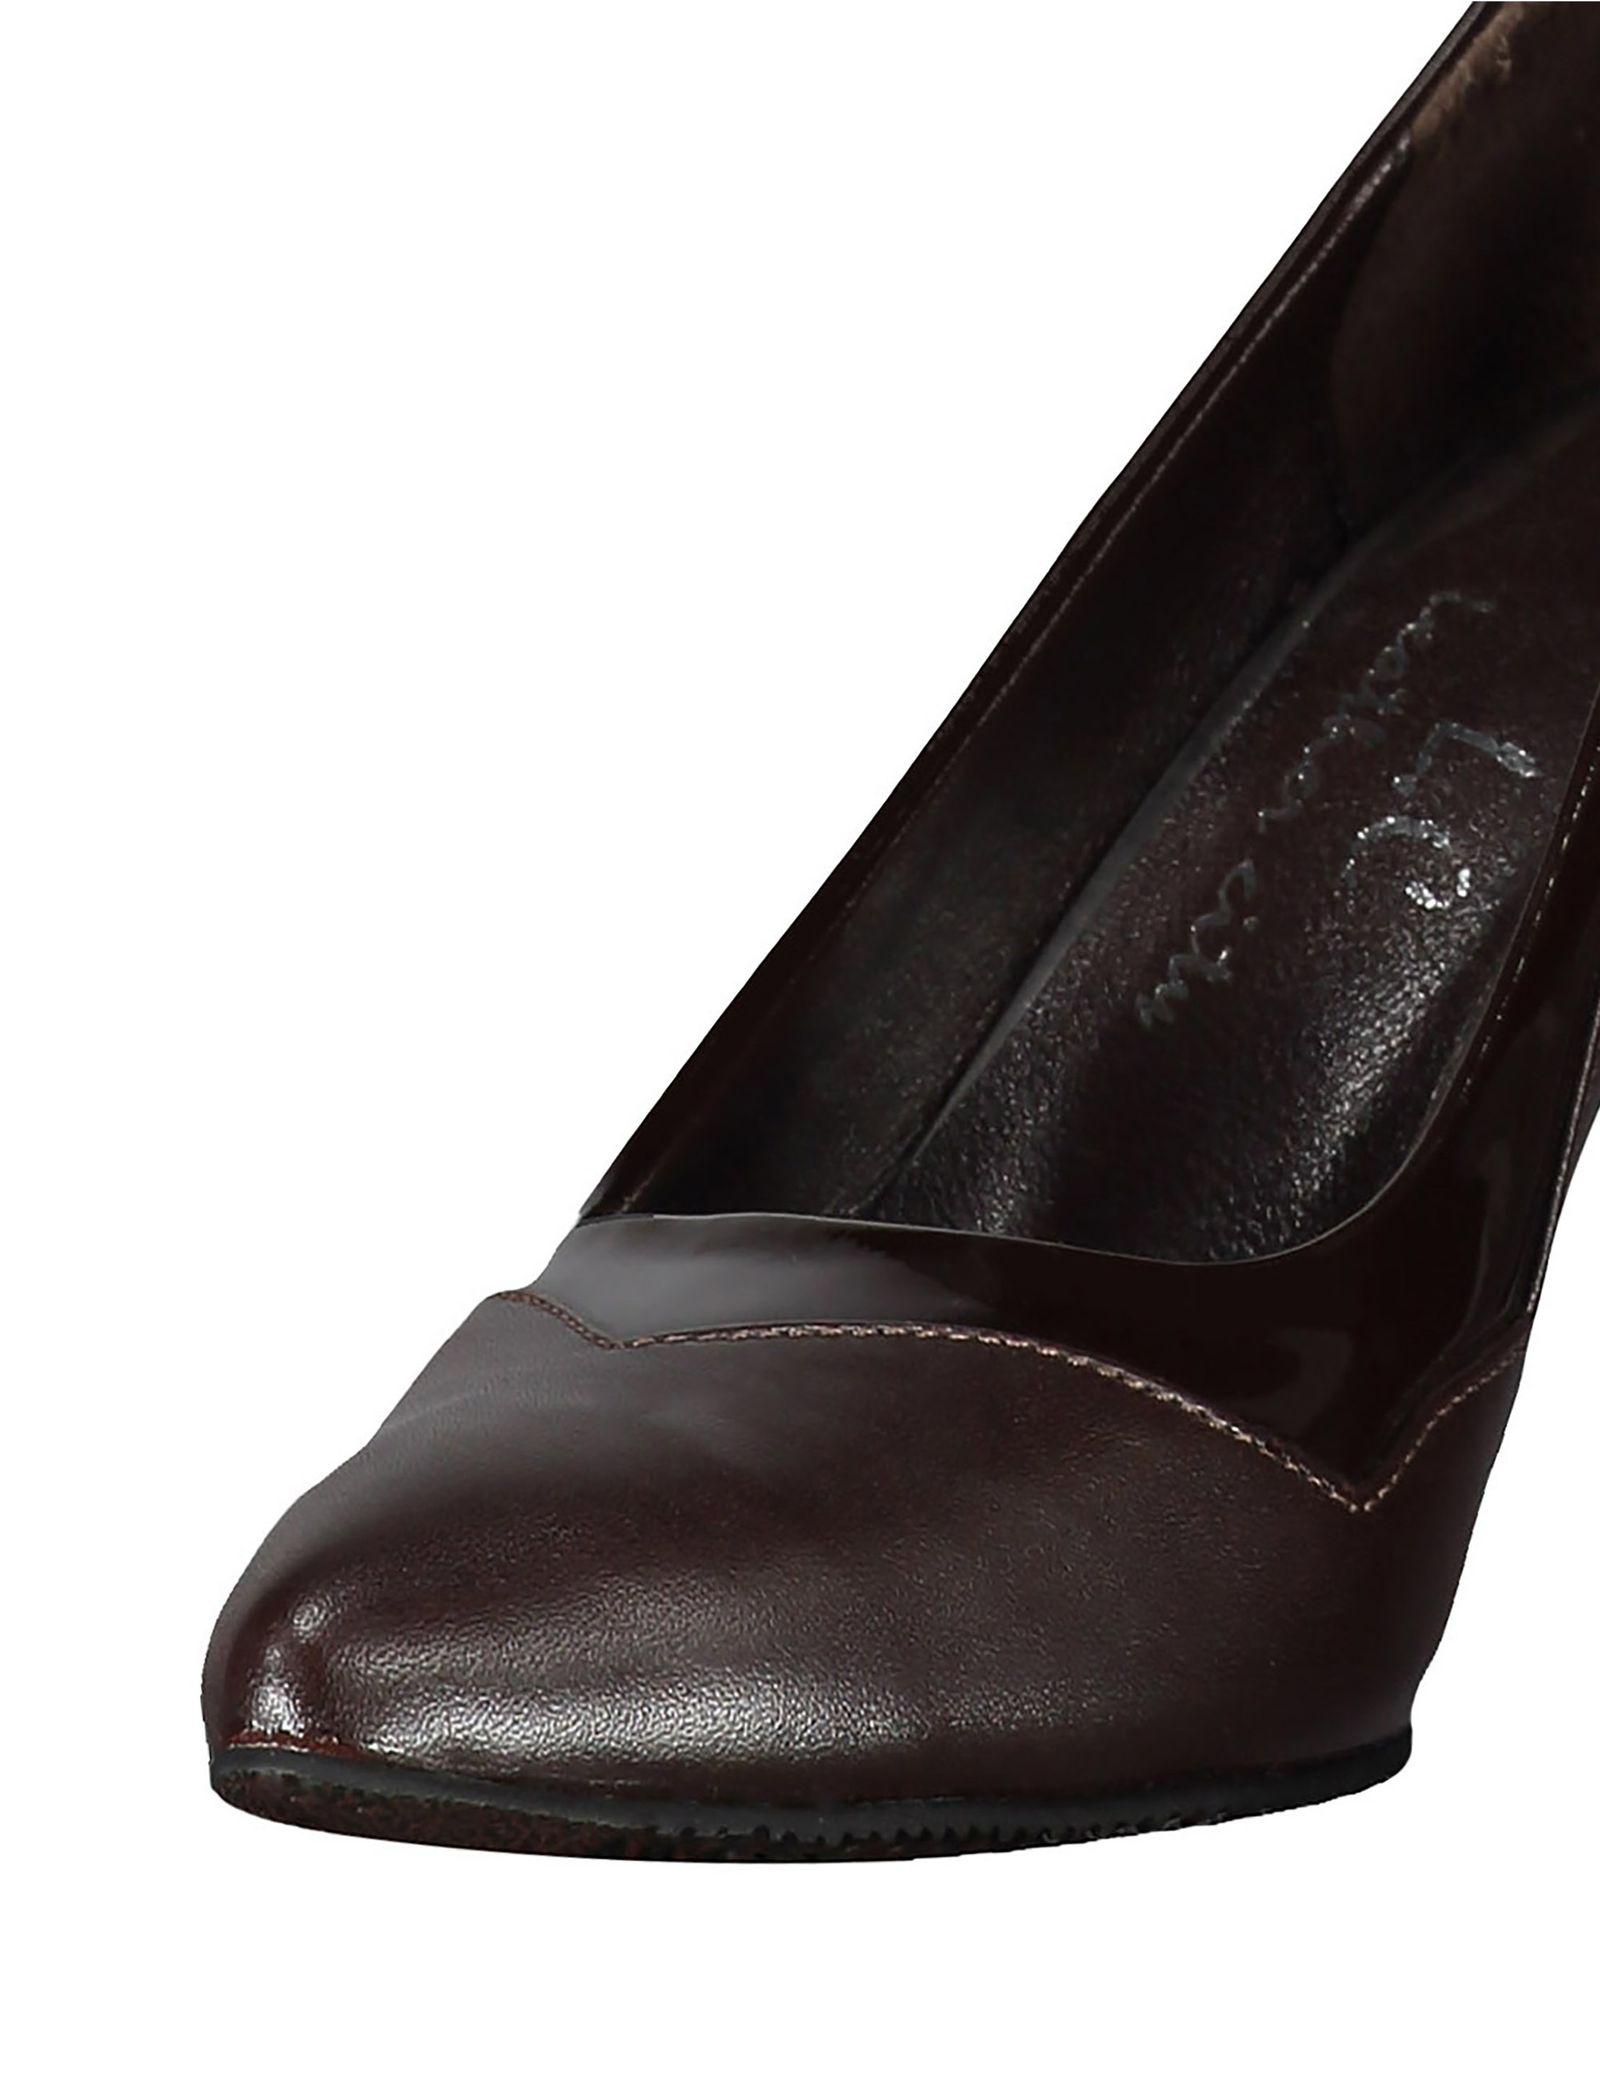 کفش پاشنه بلند چرم زنانه - شهر چرم - قهوه اي - 6